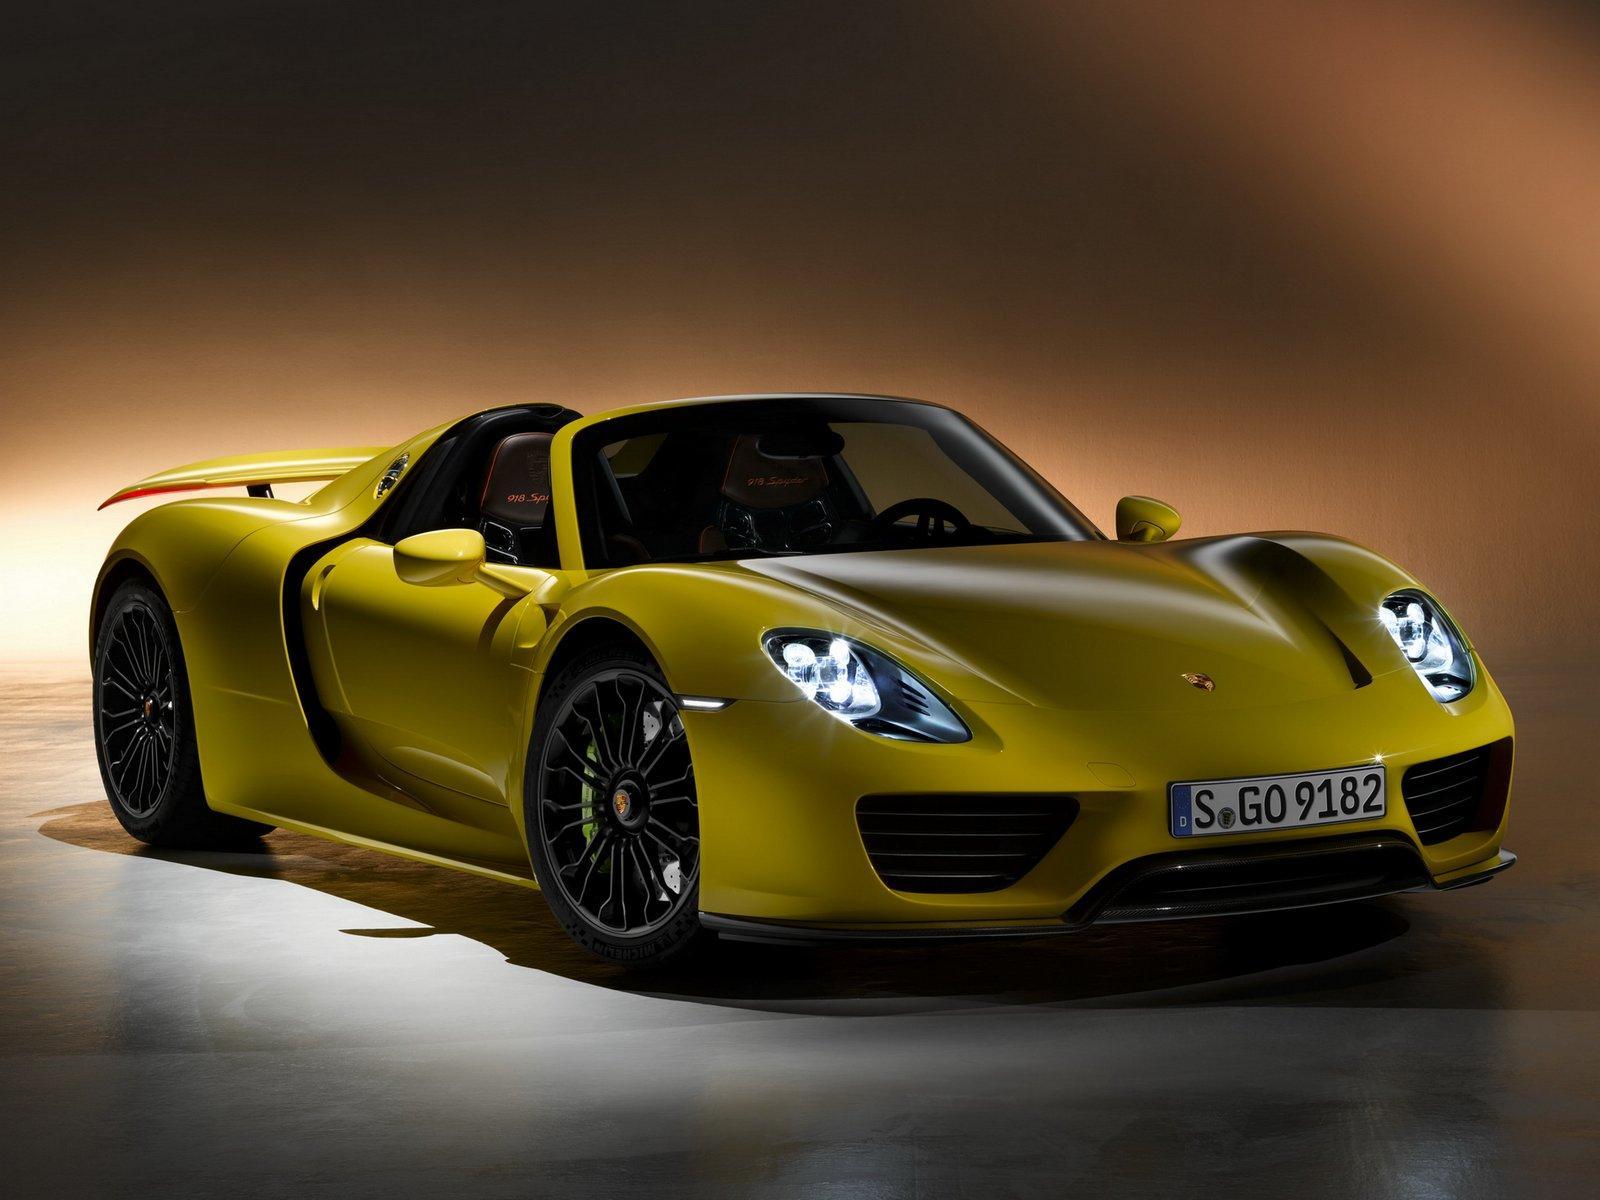 2986009531648253690 Stunning Porsche 918 Spyder Paint Job Cars Trend